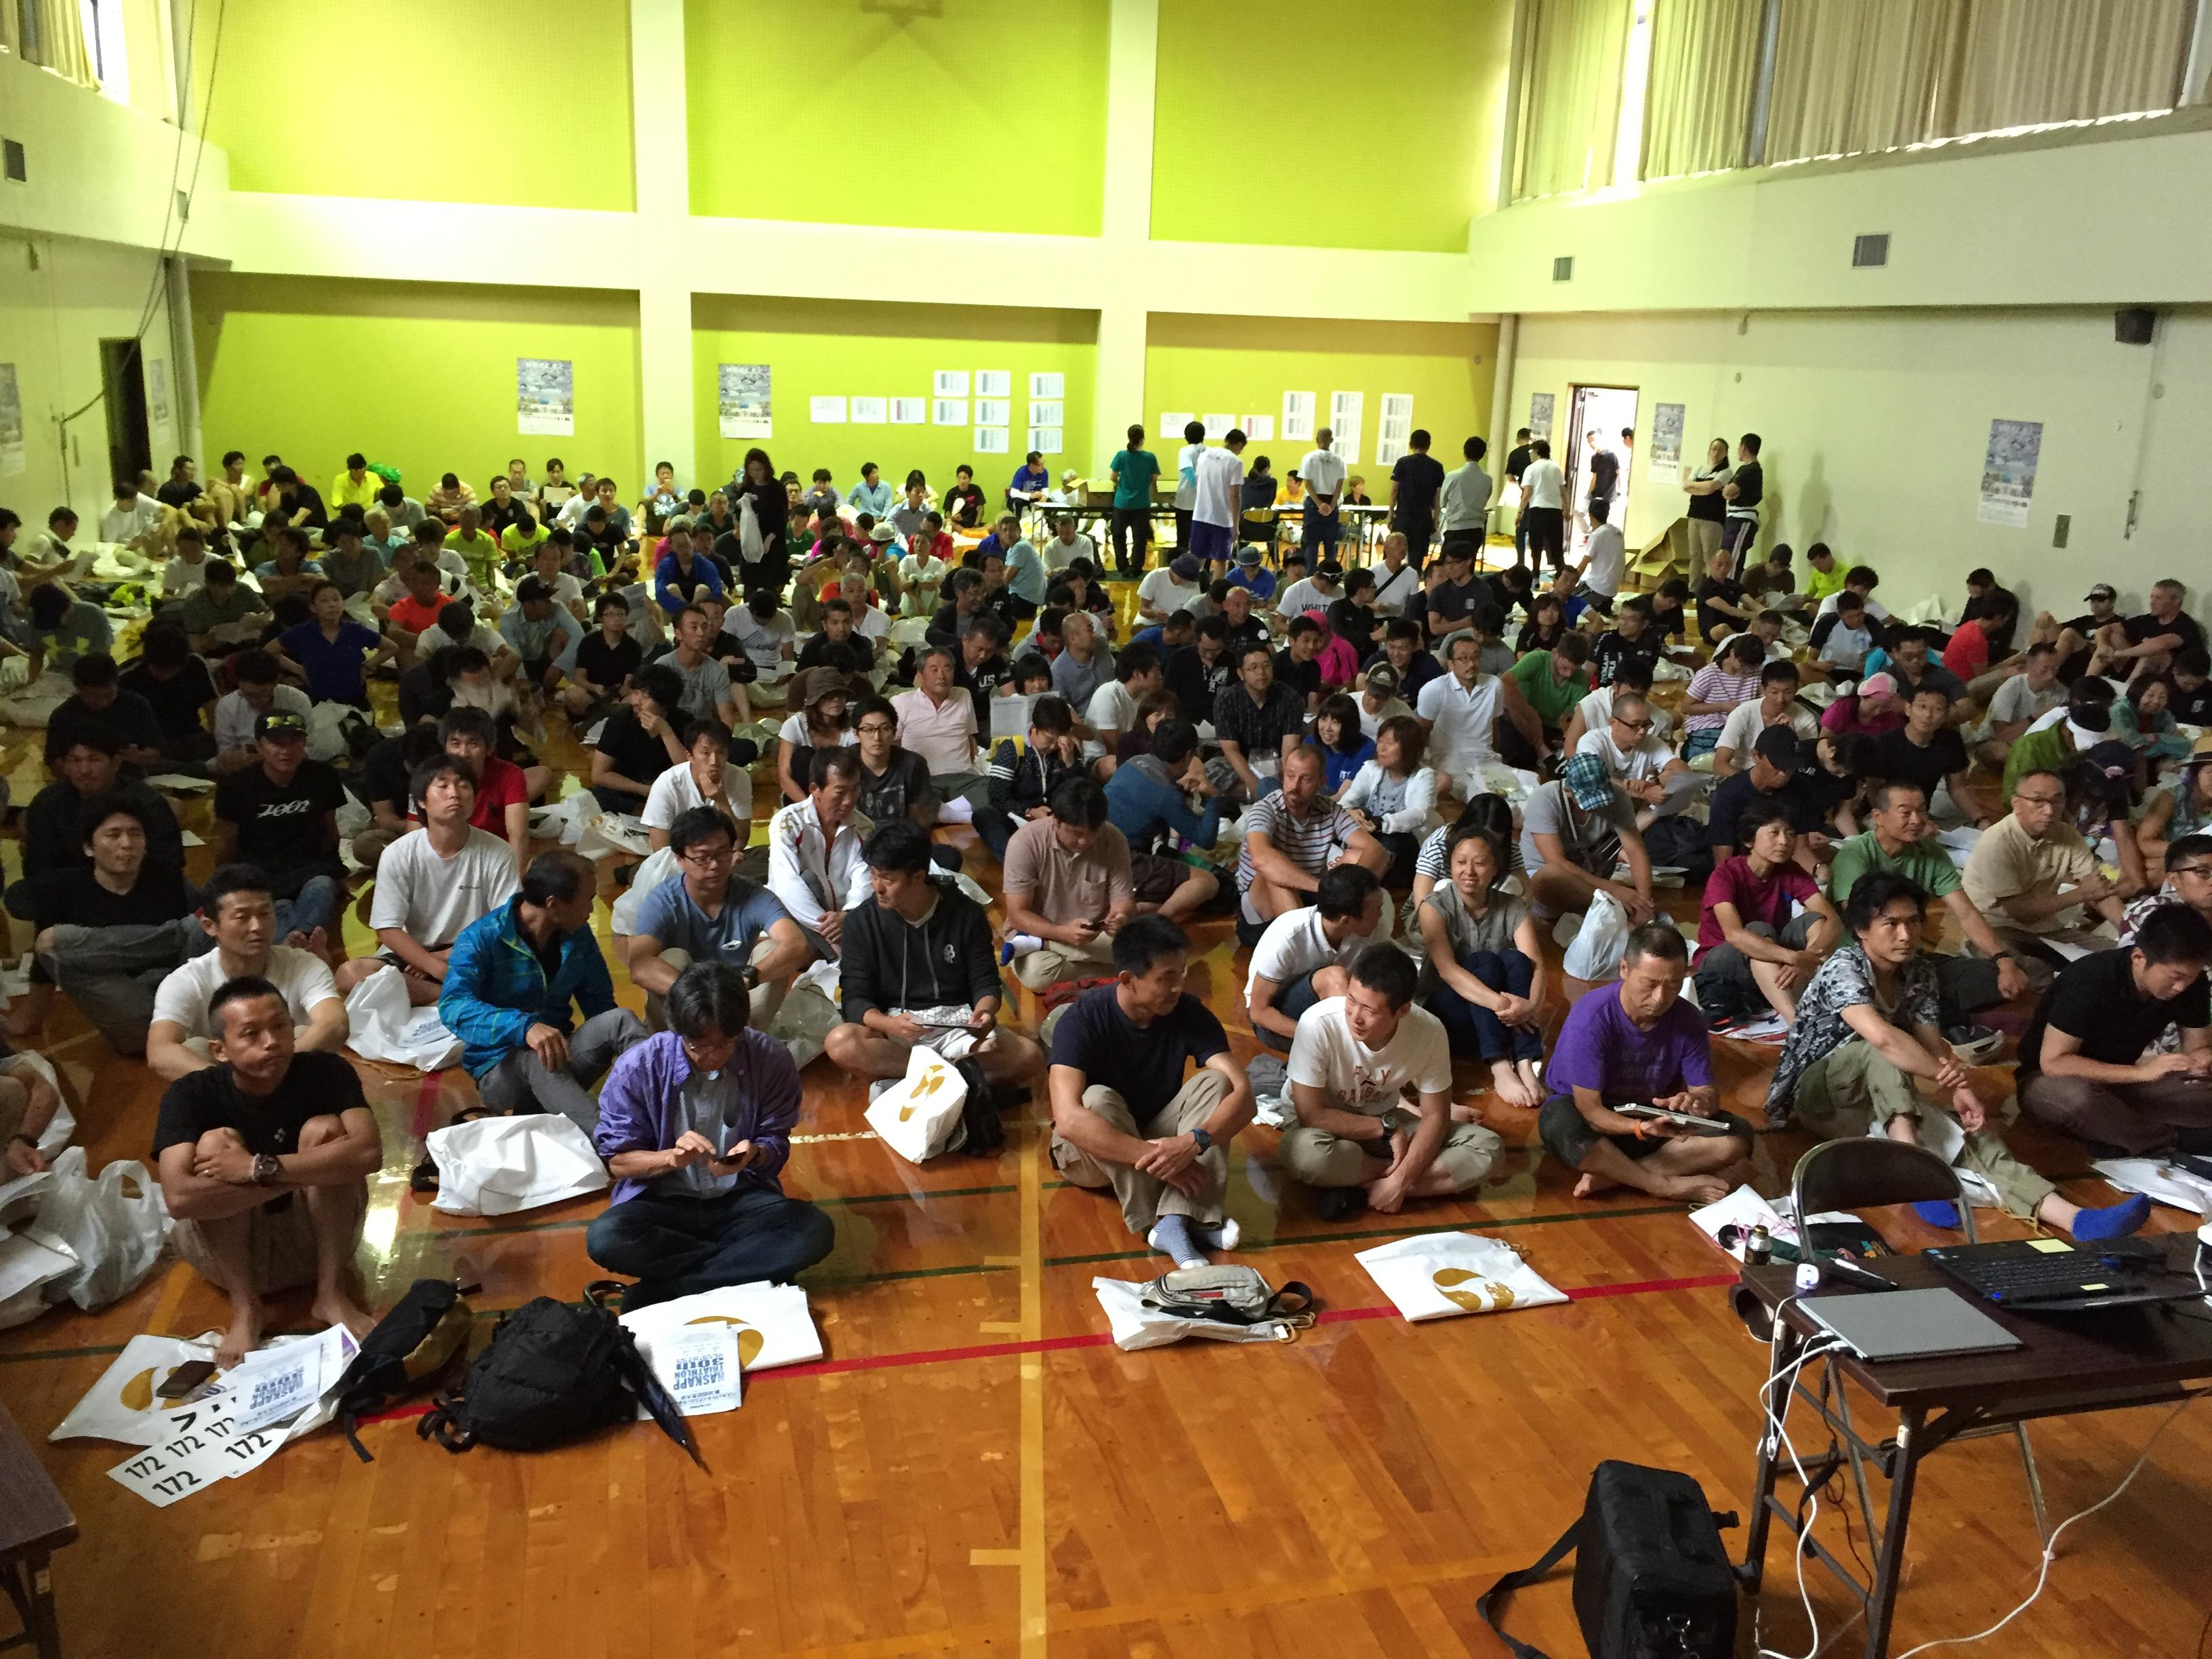 20160730開会式風景